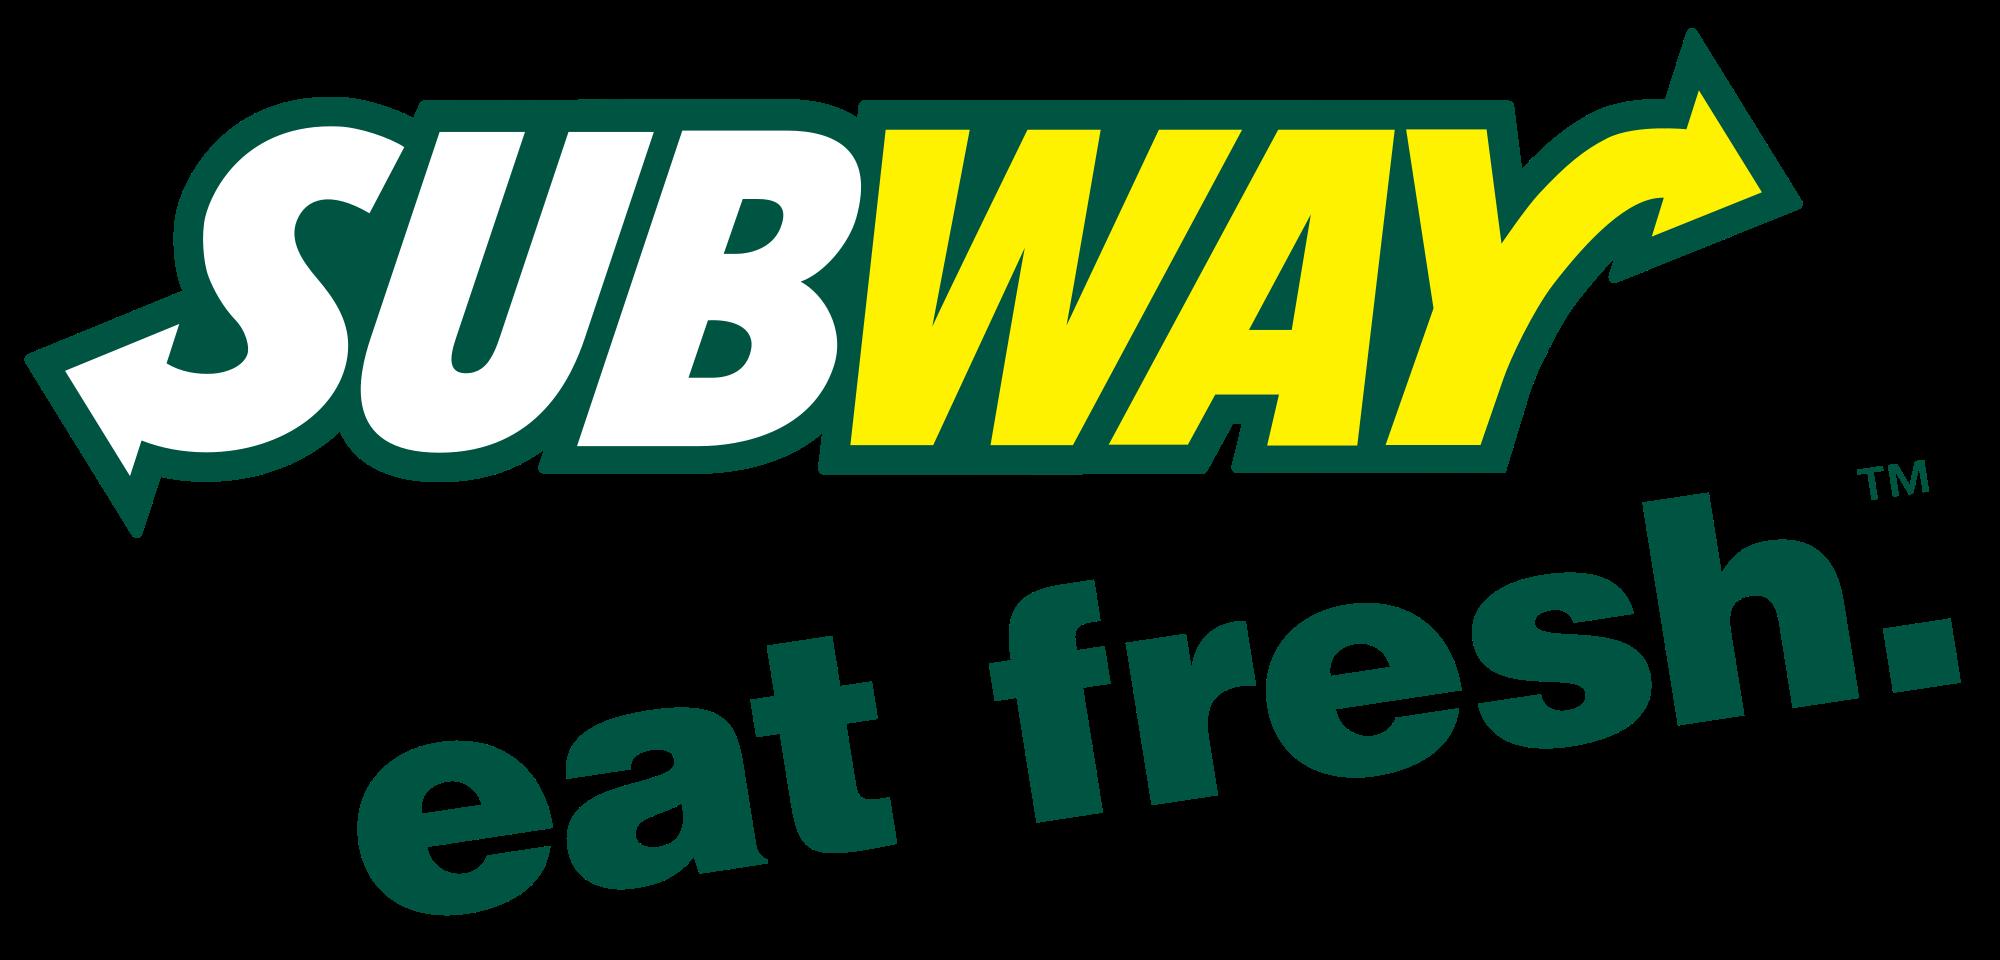 subway logo - Subway PNG